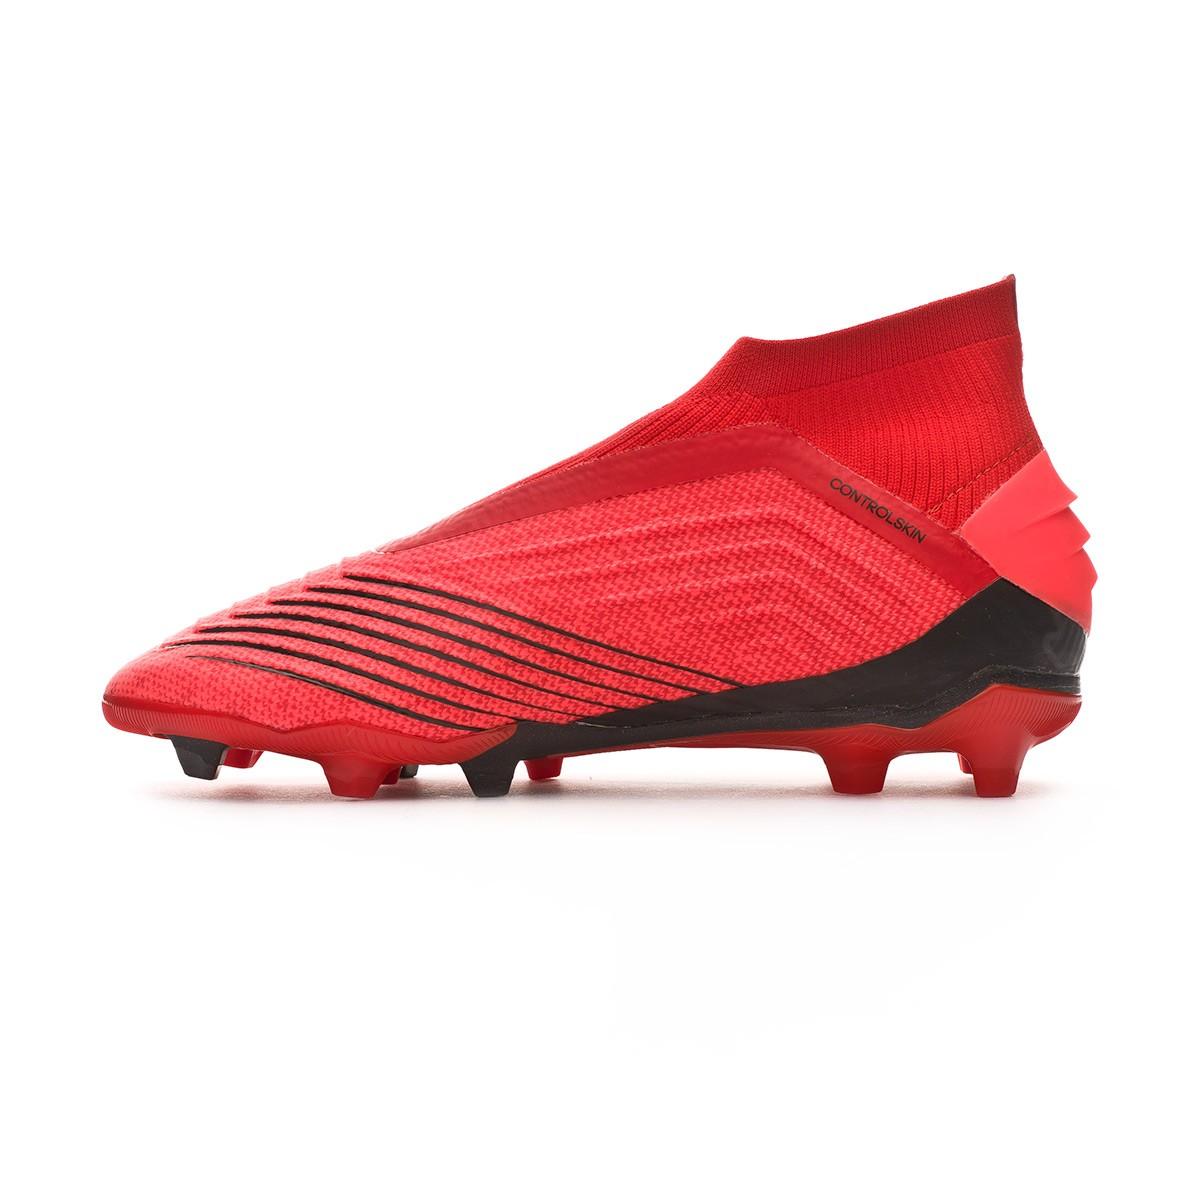 Las mejores botas de fútbol baratas de adidas Fútbol Emotion